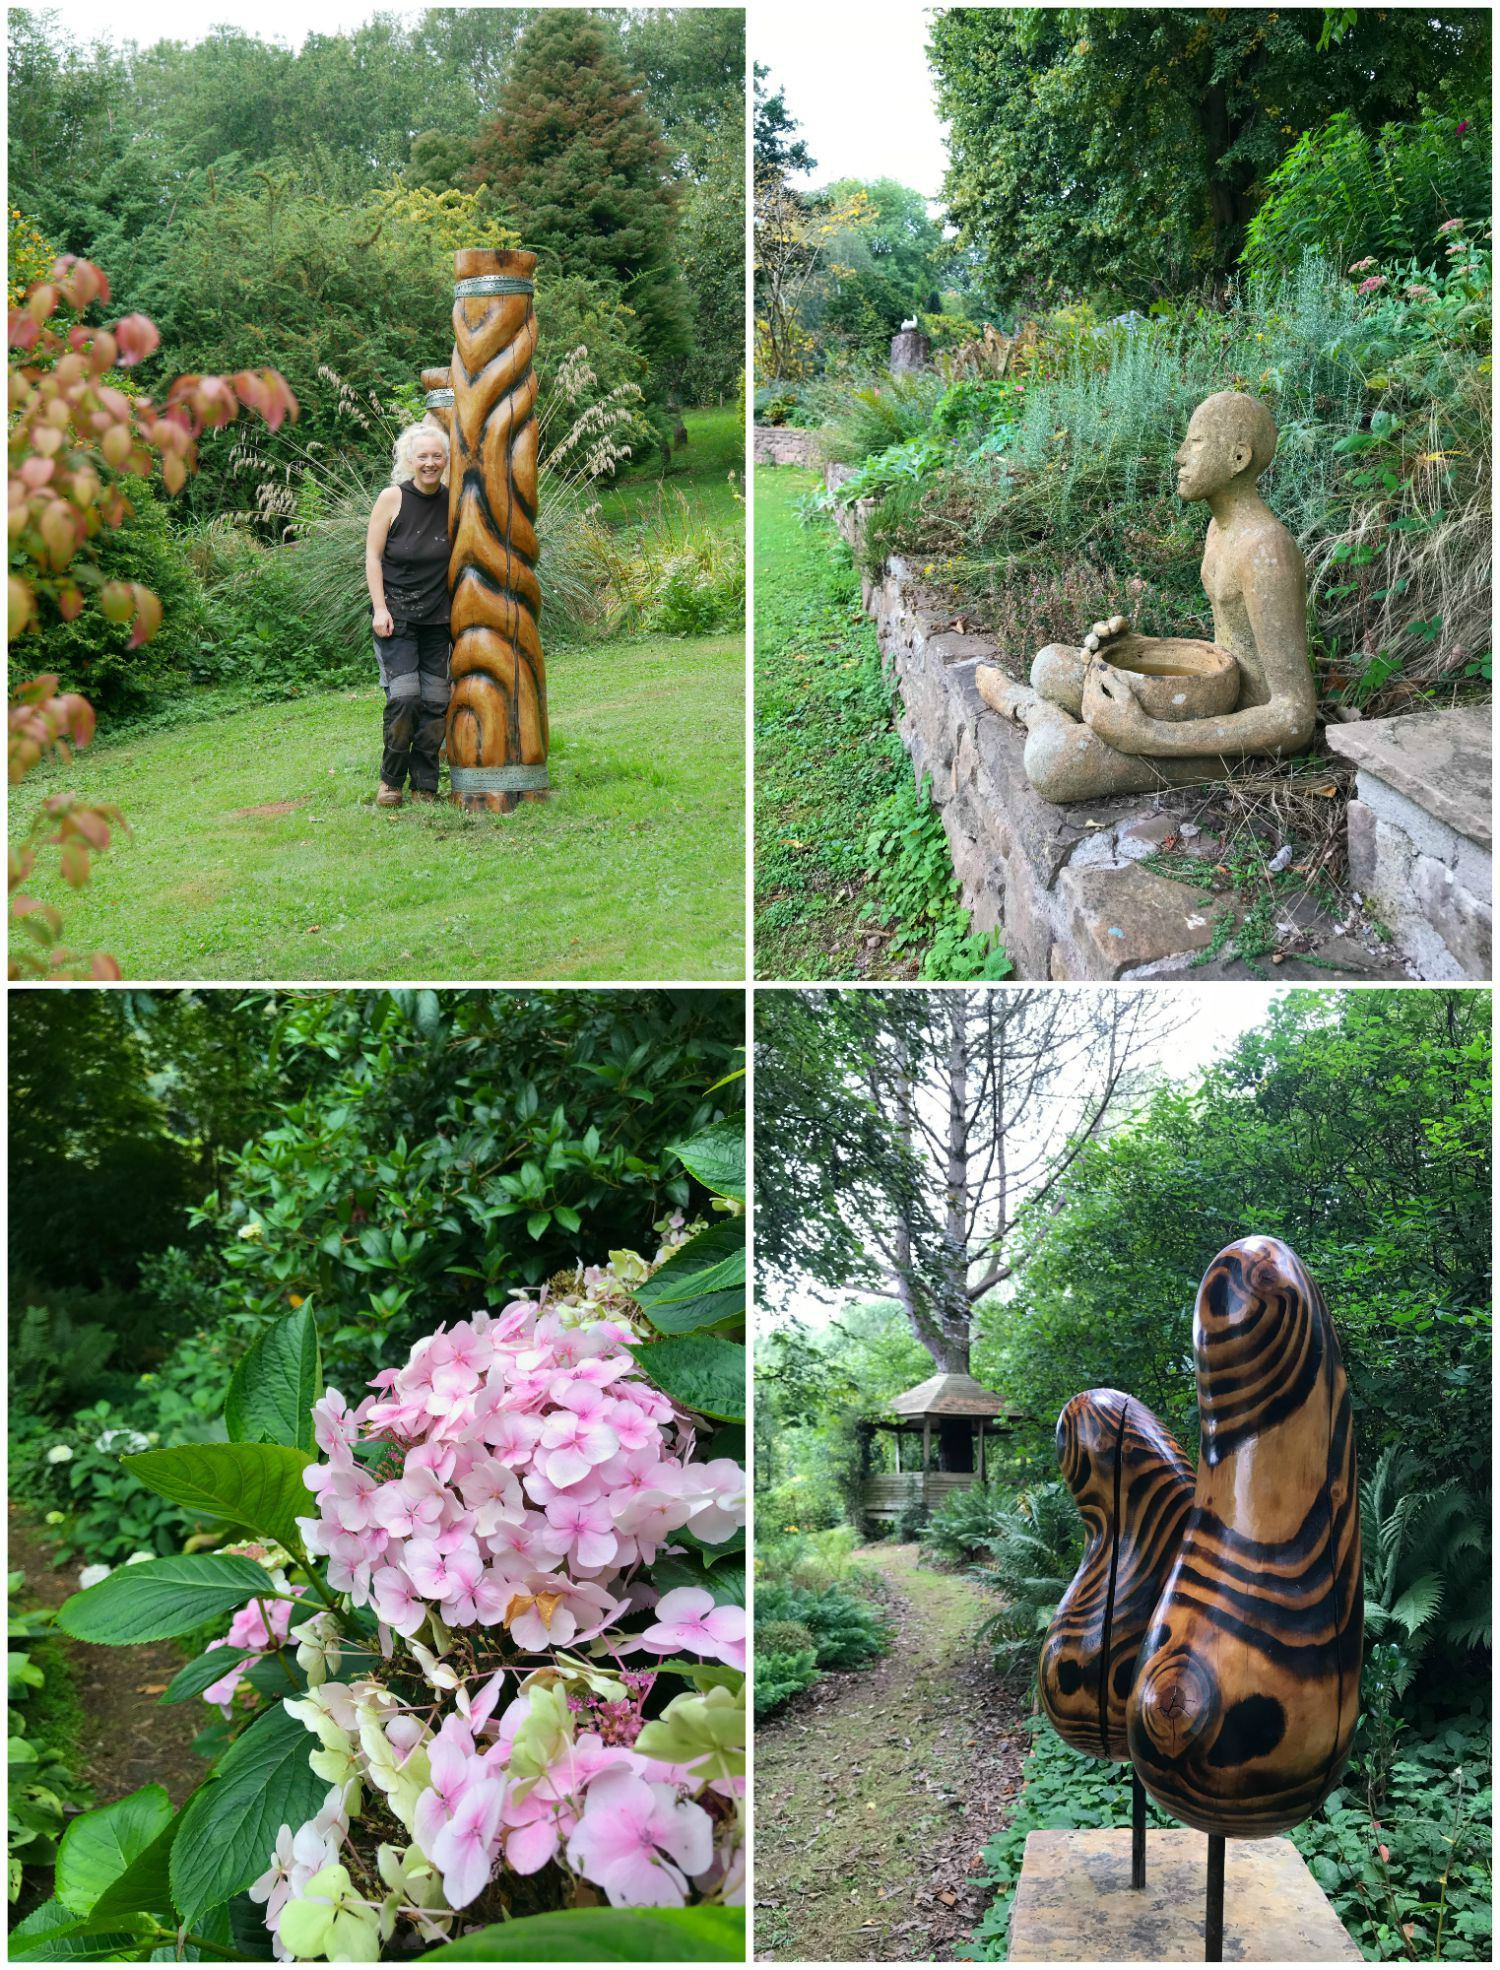 Wye Valley Sculpture Garden